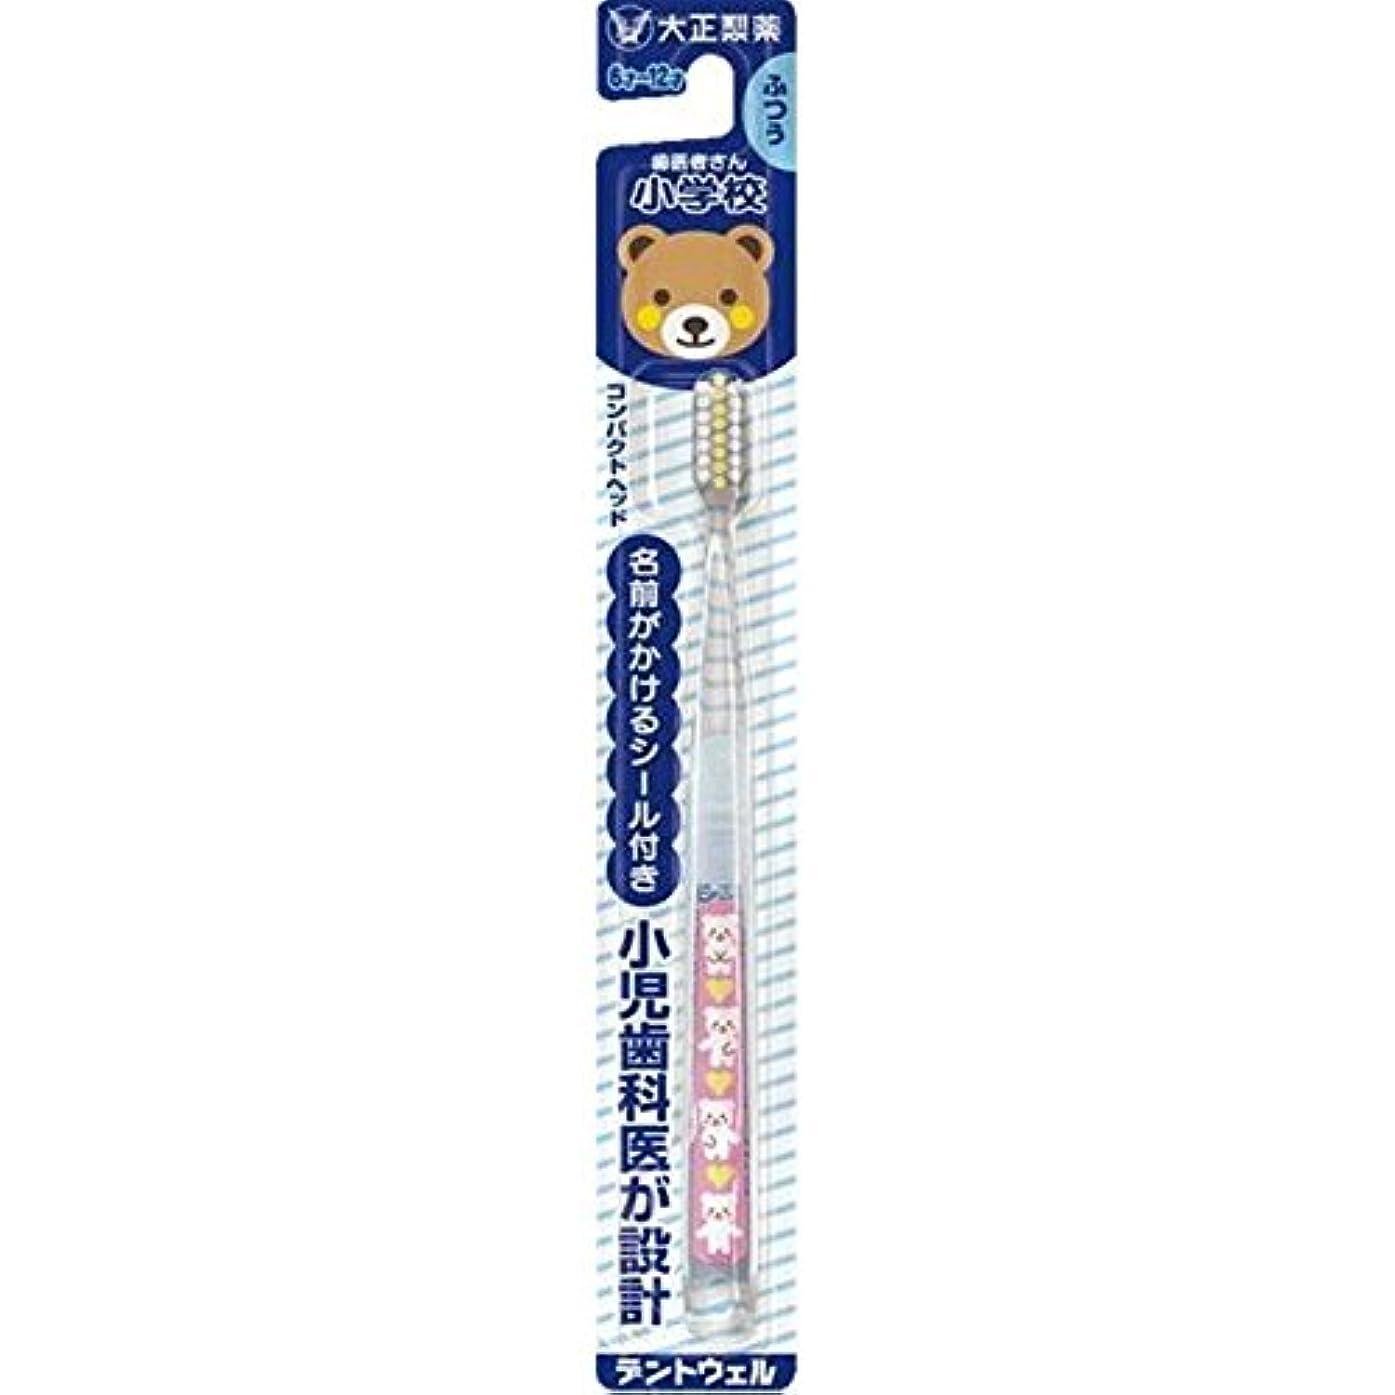 病気のファンブル特定の大正製薬 デントウェル 歯医者さん 小学校 ふつう【6個セット】